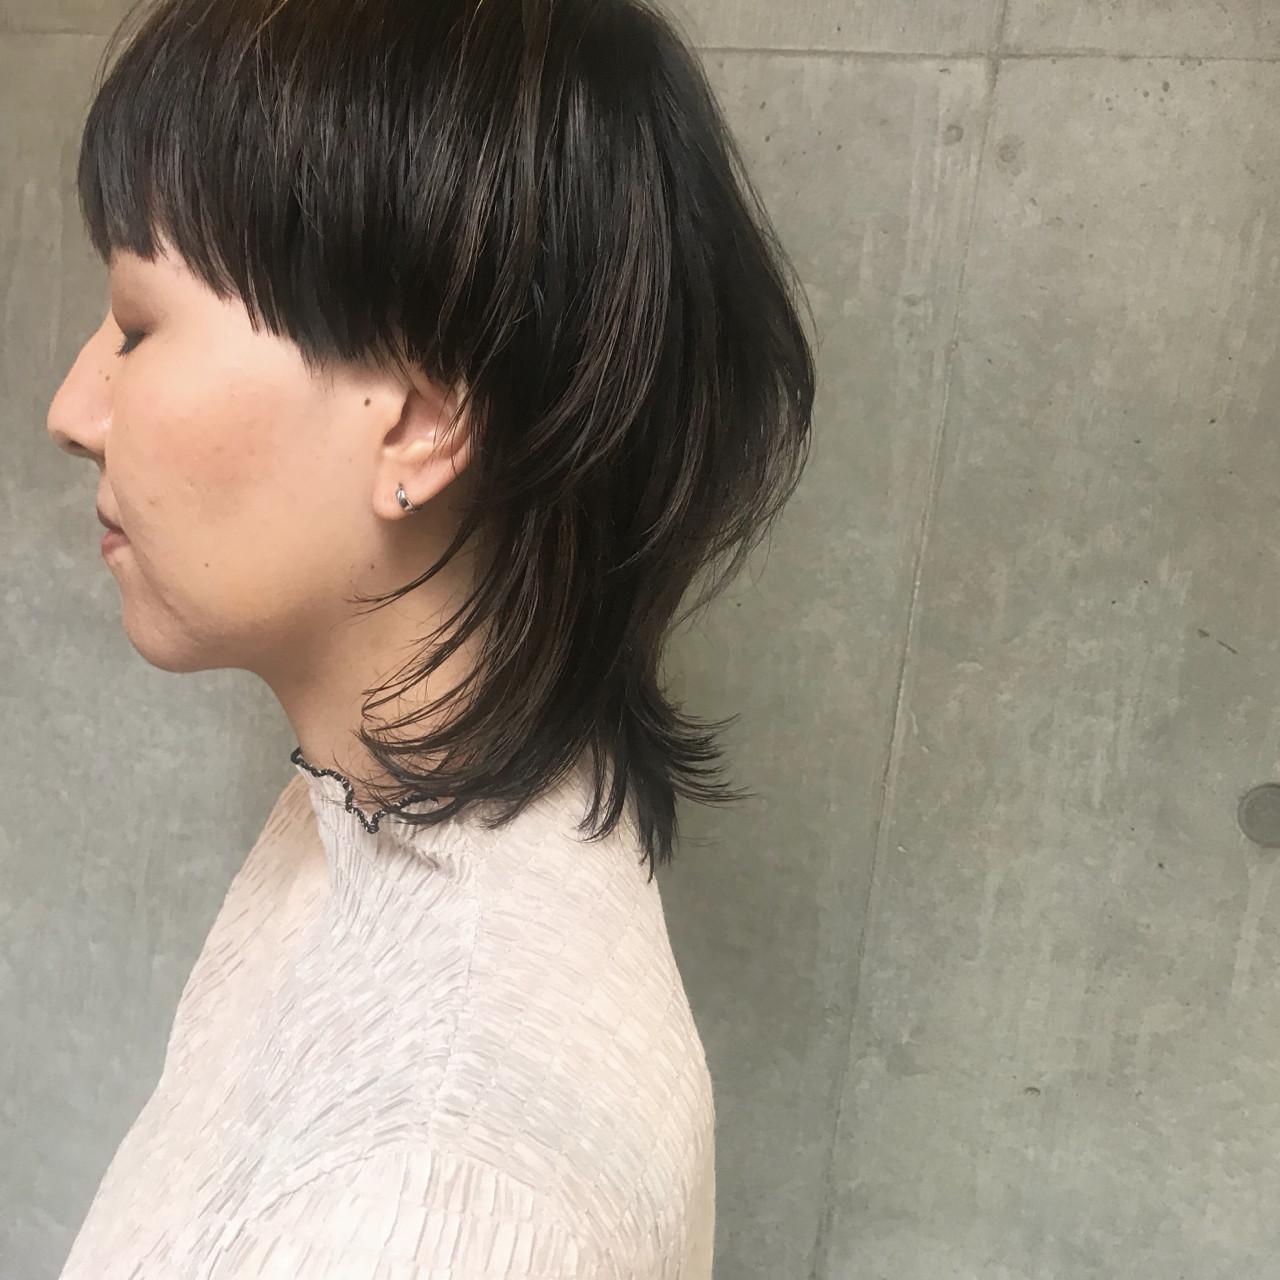 アウトドア 簡単ヘアアレンジ 女子力 モード ヘアスタイルや髪型の写真・画像 | bibito crew / bibito